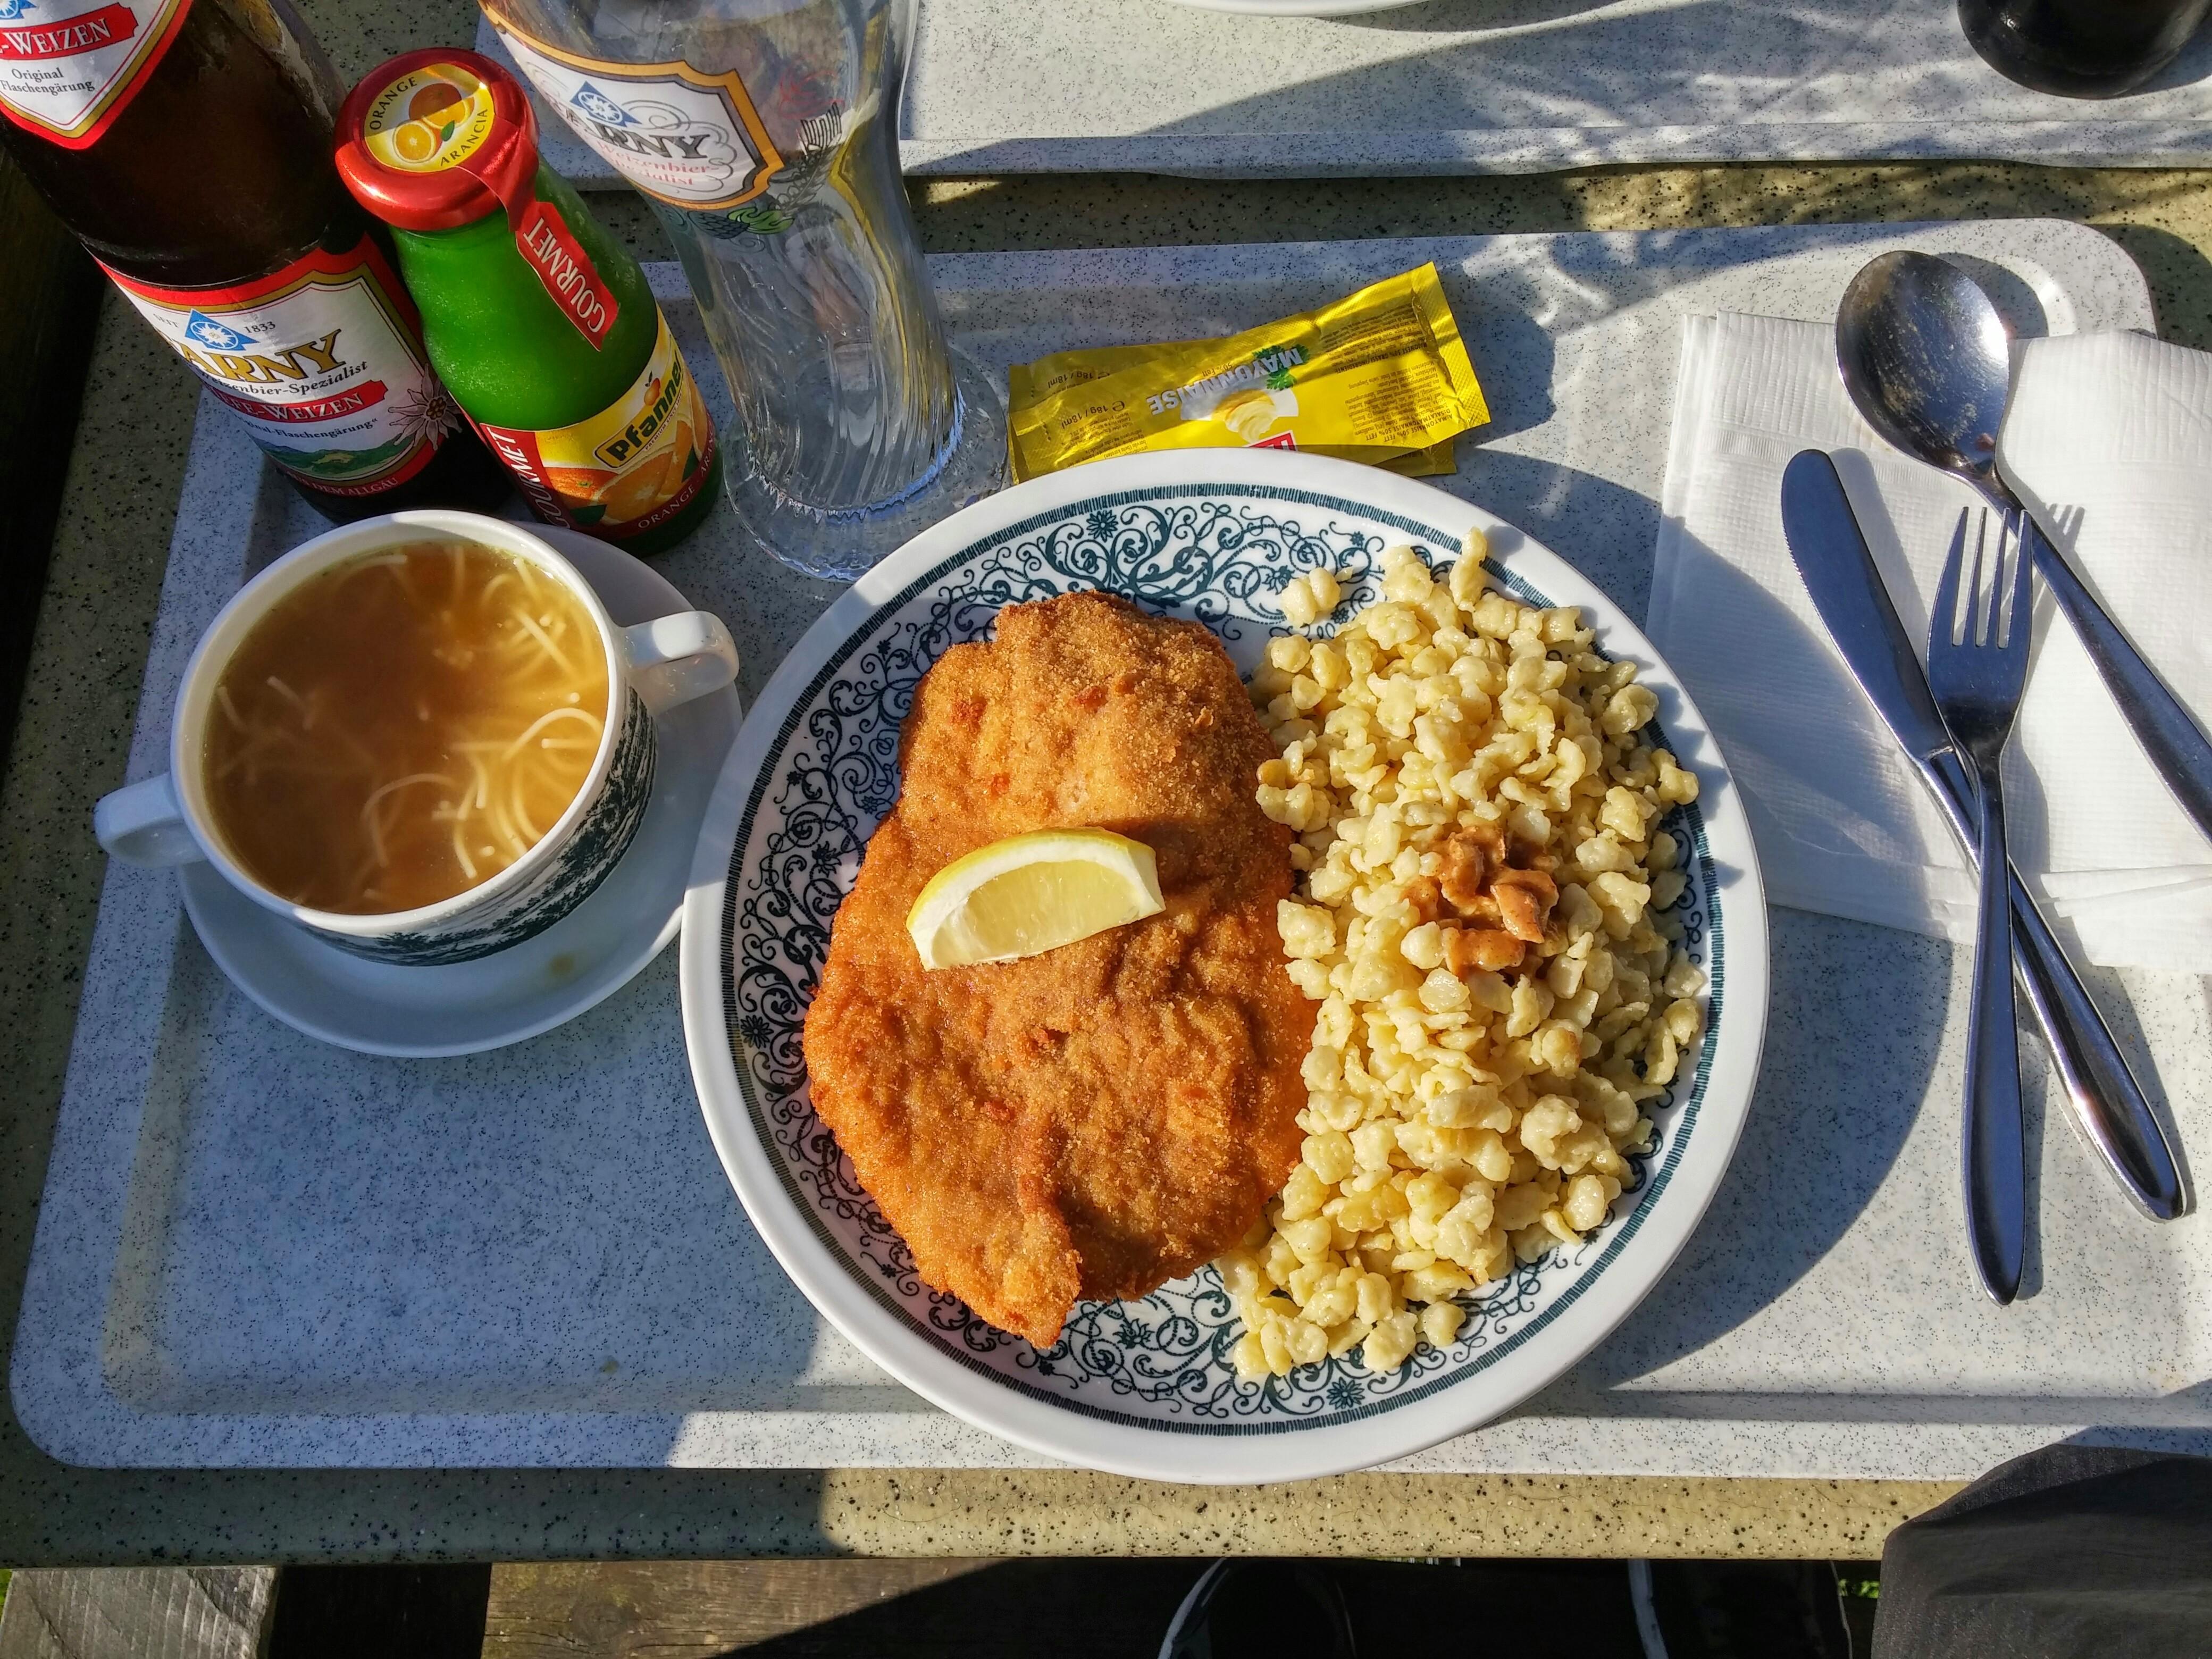 http://foodloader.net/nico_2014-08-09_nudelsuppe-und-paniertes-schnitzel-mit-knoepfle.jpg